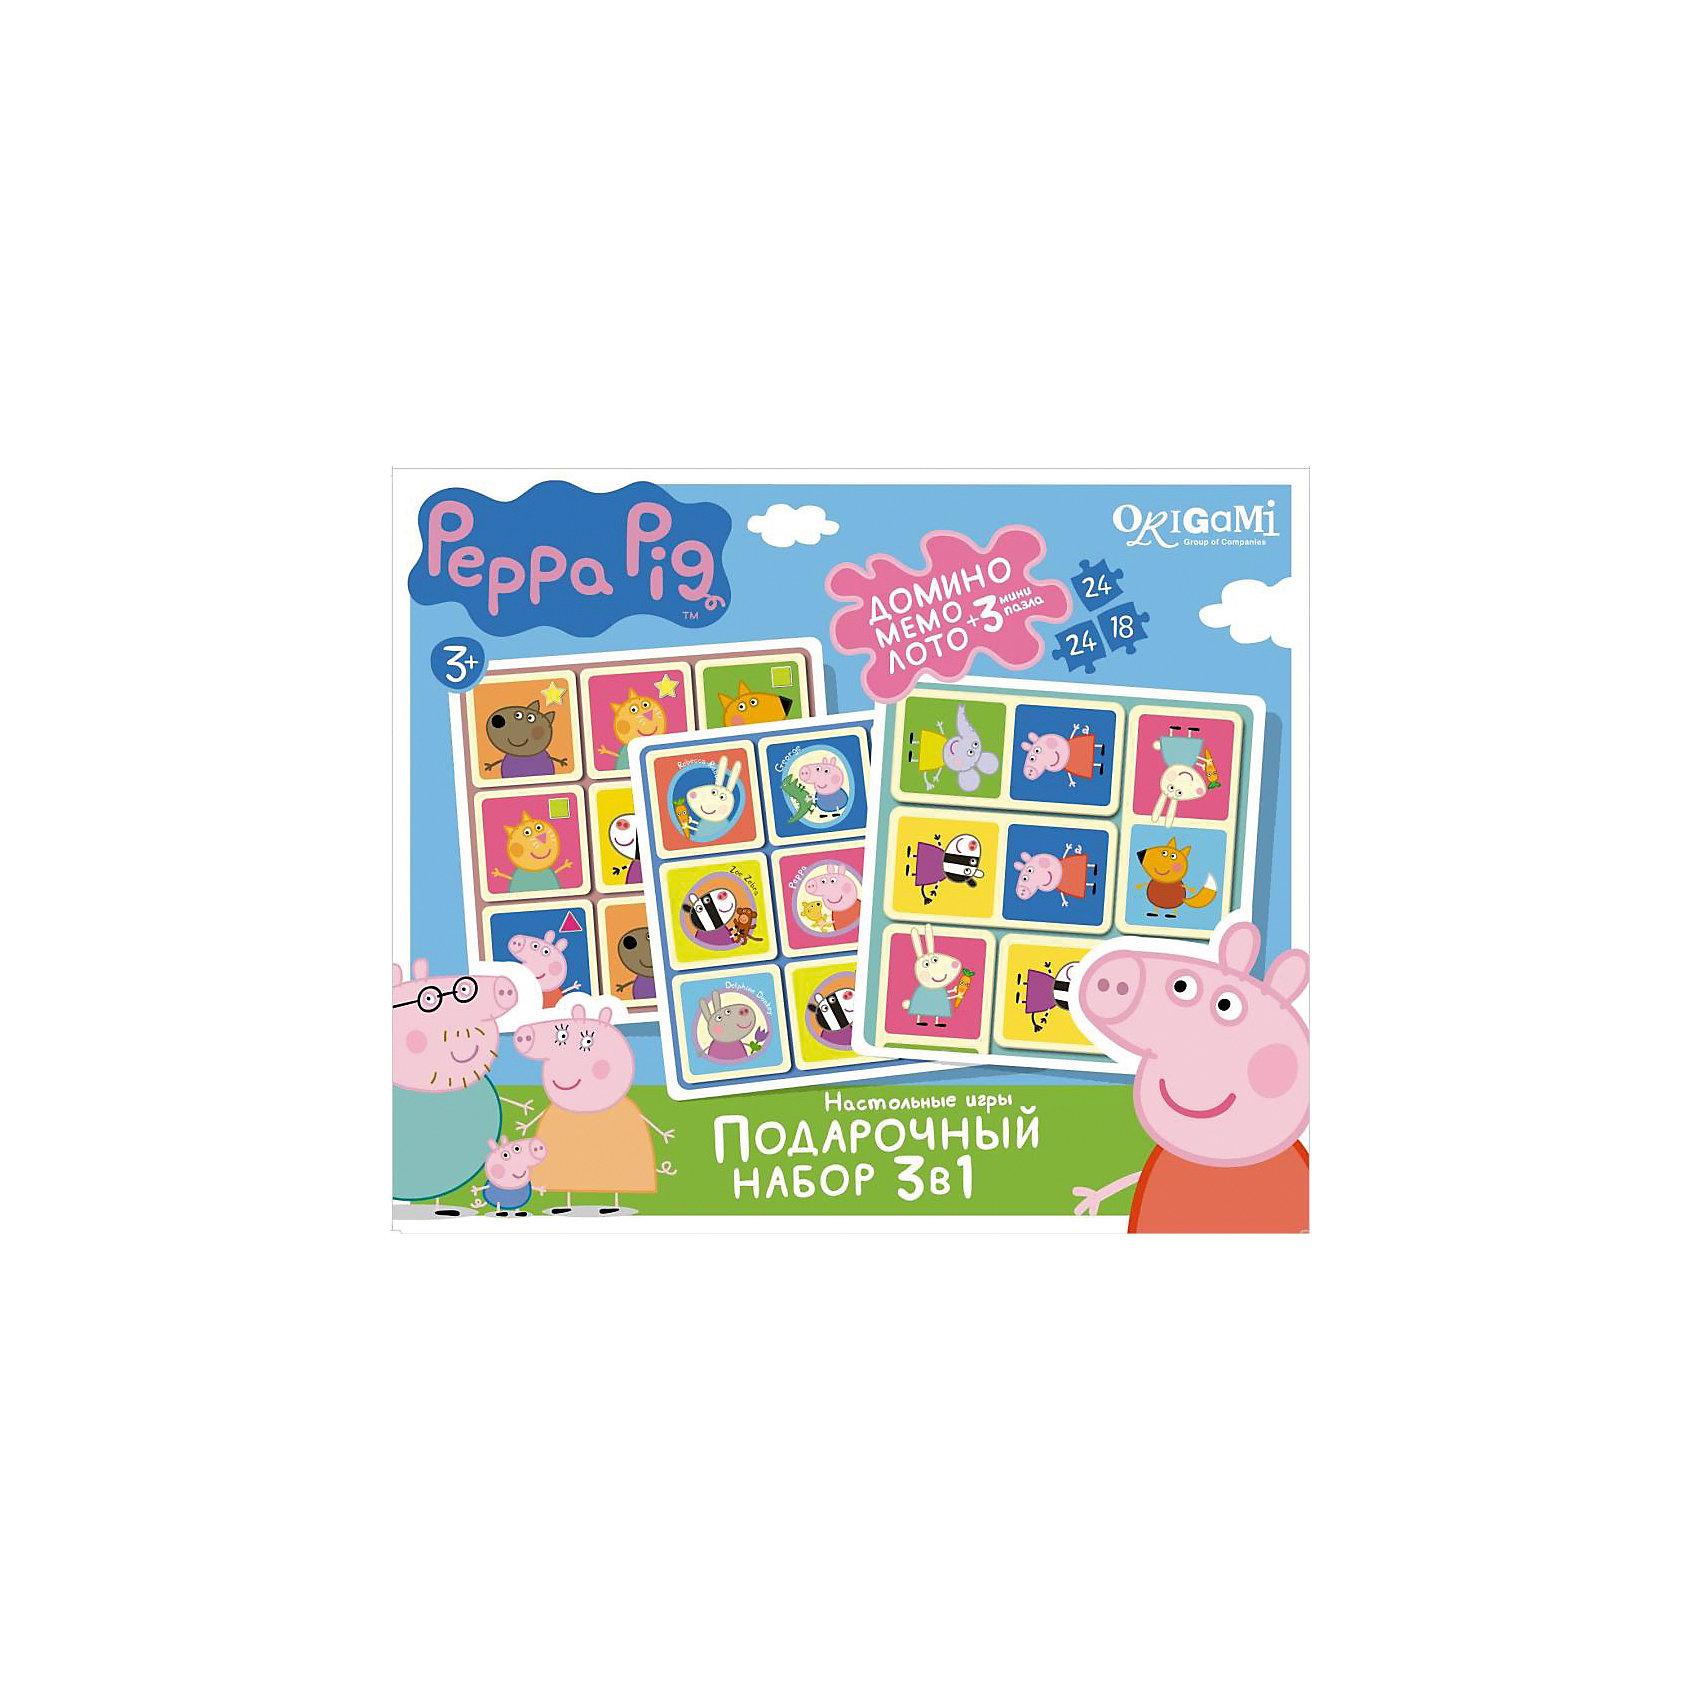 Набор 3в1: Лото + Мемо + Домино +3 пазла , Свинка ПеппаПазлы для малышей<br>Набор 3в1: Лото + Мемо + Домино +3 пазла , Свинка Пеппа – это интересные настольные игры со свинкой Пеппой, которые увлекут вашего ребенка.<br>Подарочный набор игр по мотивам любимого мультсериала о приключениях свинки Пеппы – это беспроигрышный вариант для детей с самыми разными вкусами и увлечениями. Такие гениальные, но при этом простые игры, как домино, лото и мемо, любят все без исключения. Кроме того, эти игры способствуют развитию логического мышления, внимательности и усидчивости. В подарок к набору также прилагаются три красочных пазла (два пазла по 24 детали и один пазл 18 деталей).<br><br>Дополнительная информация:<br><br>- Комплектация: игры: домино, лото, мемо, 3 пазла<br>- Материал: картон<br>- Размер коробки: 32x23,5х6 см.<br>- Вес: 528 гр.<br><br>Набор 3в1: Лото + Мемо + Домино +3 пазла , Свинка Пеппа можно купить в нашем интернет-магазине.<br><br>Ширина мм: 320<br>Глубина мм: 235<br>Высота мм: 60<br>Вес г: 528<br>Возраст от месяцев: 36<br>Возраст до месяцев: 96<br>Пол: Унисекс<br>Возраст: Детский<br>SKU: 4335024